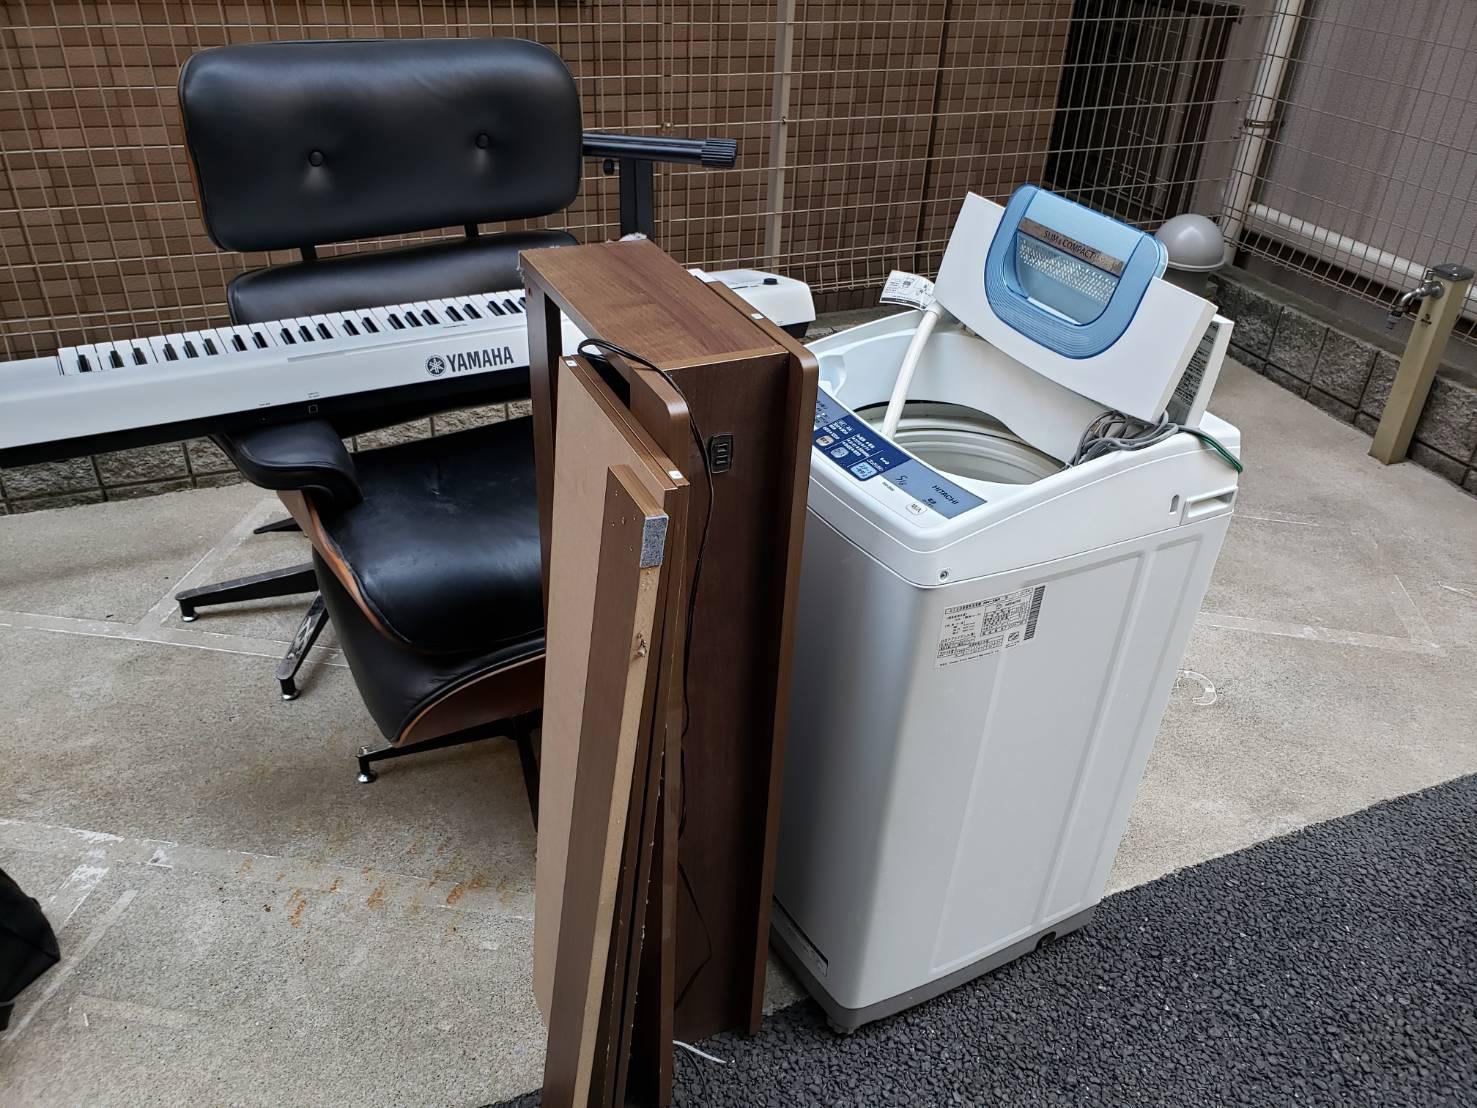 楽器、洗濯機、その他不用品の回収前